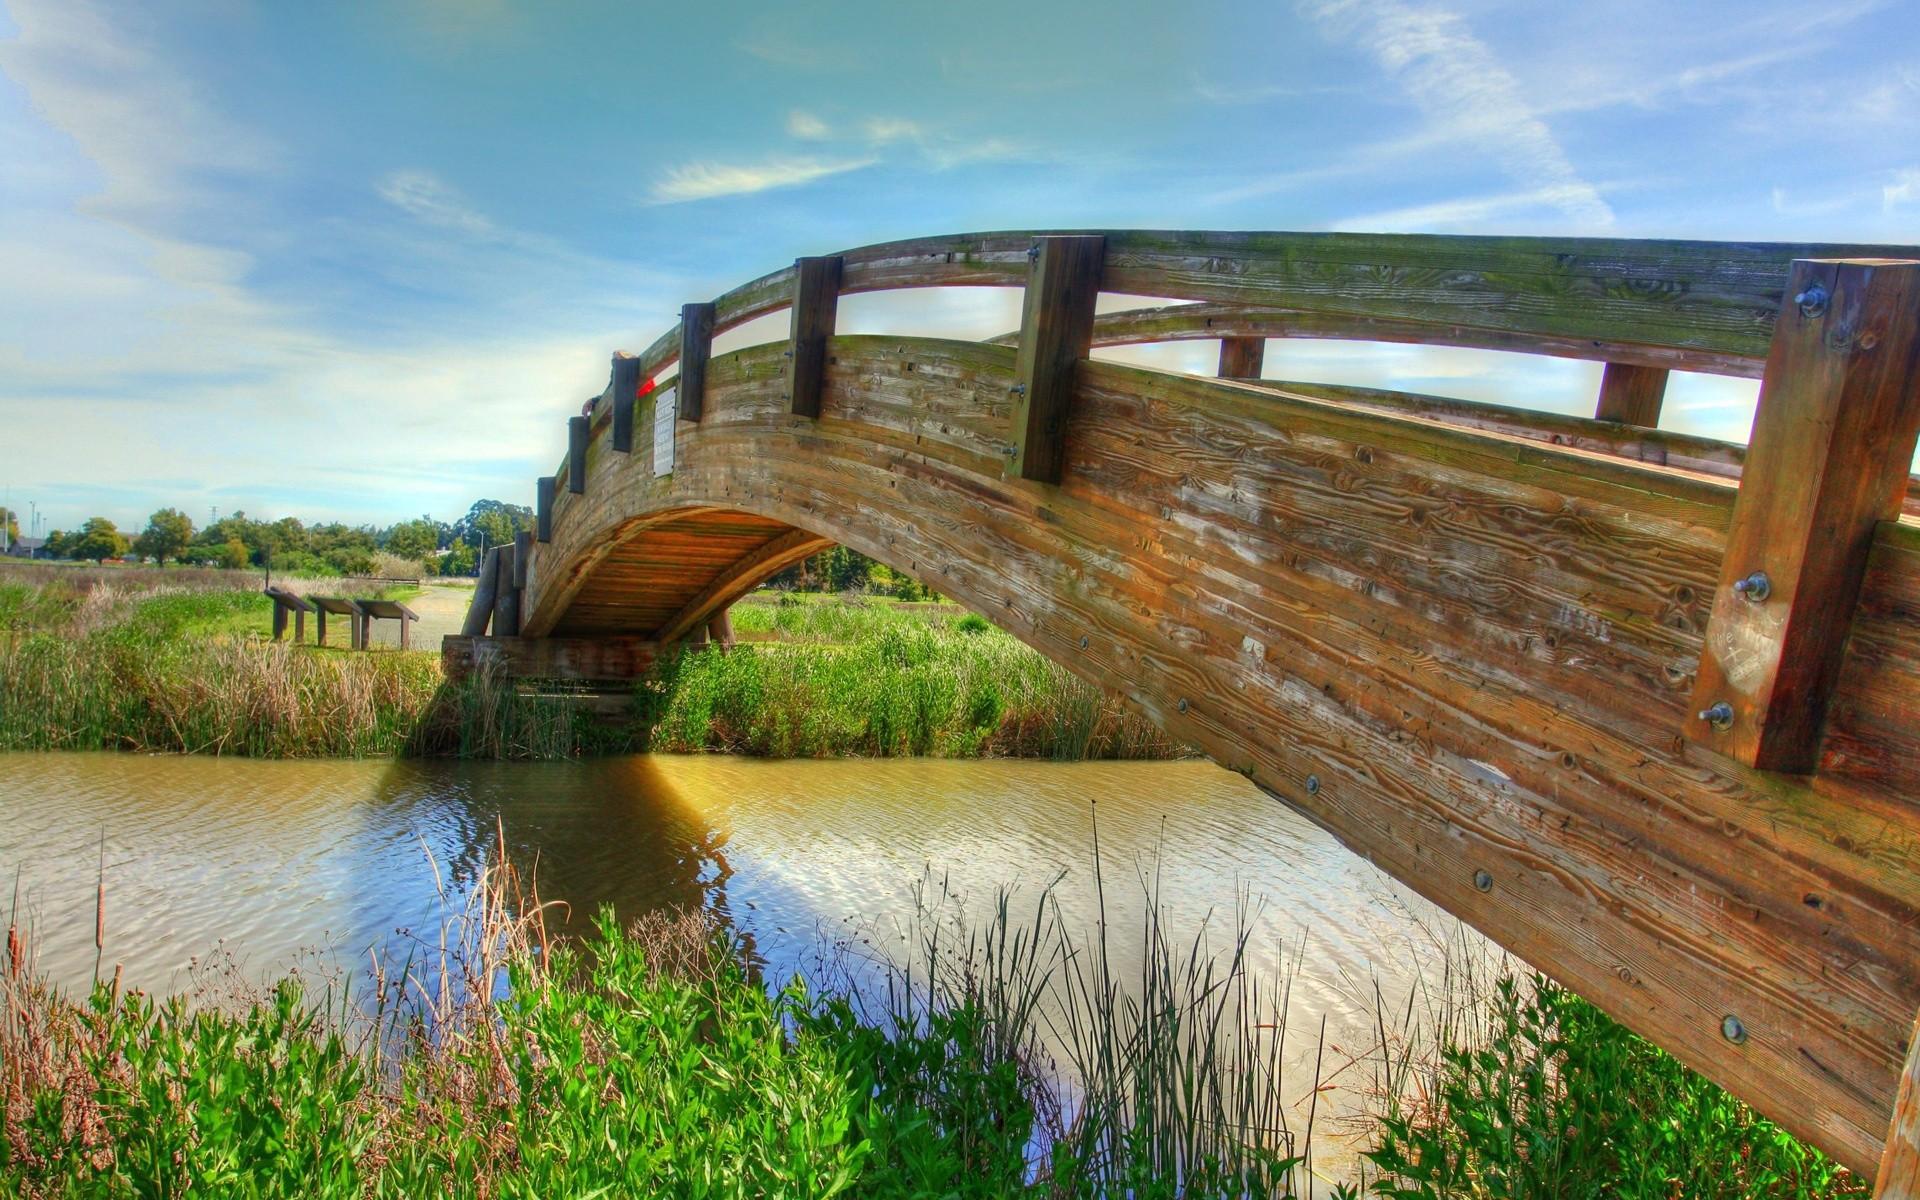 картинки три дома река мост деревья эскимо называлось